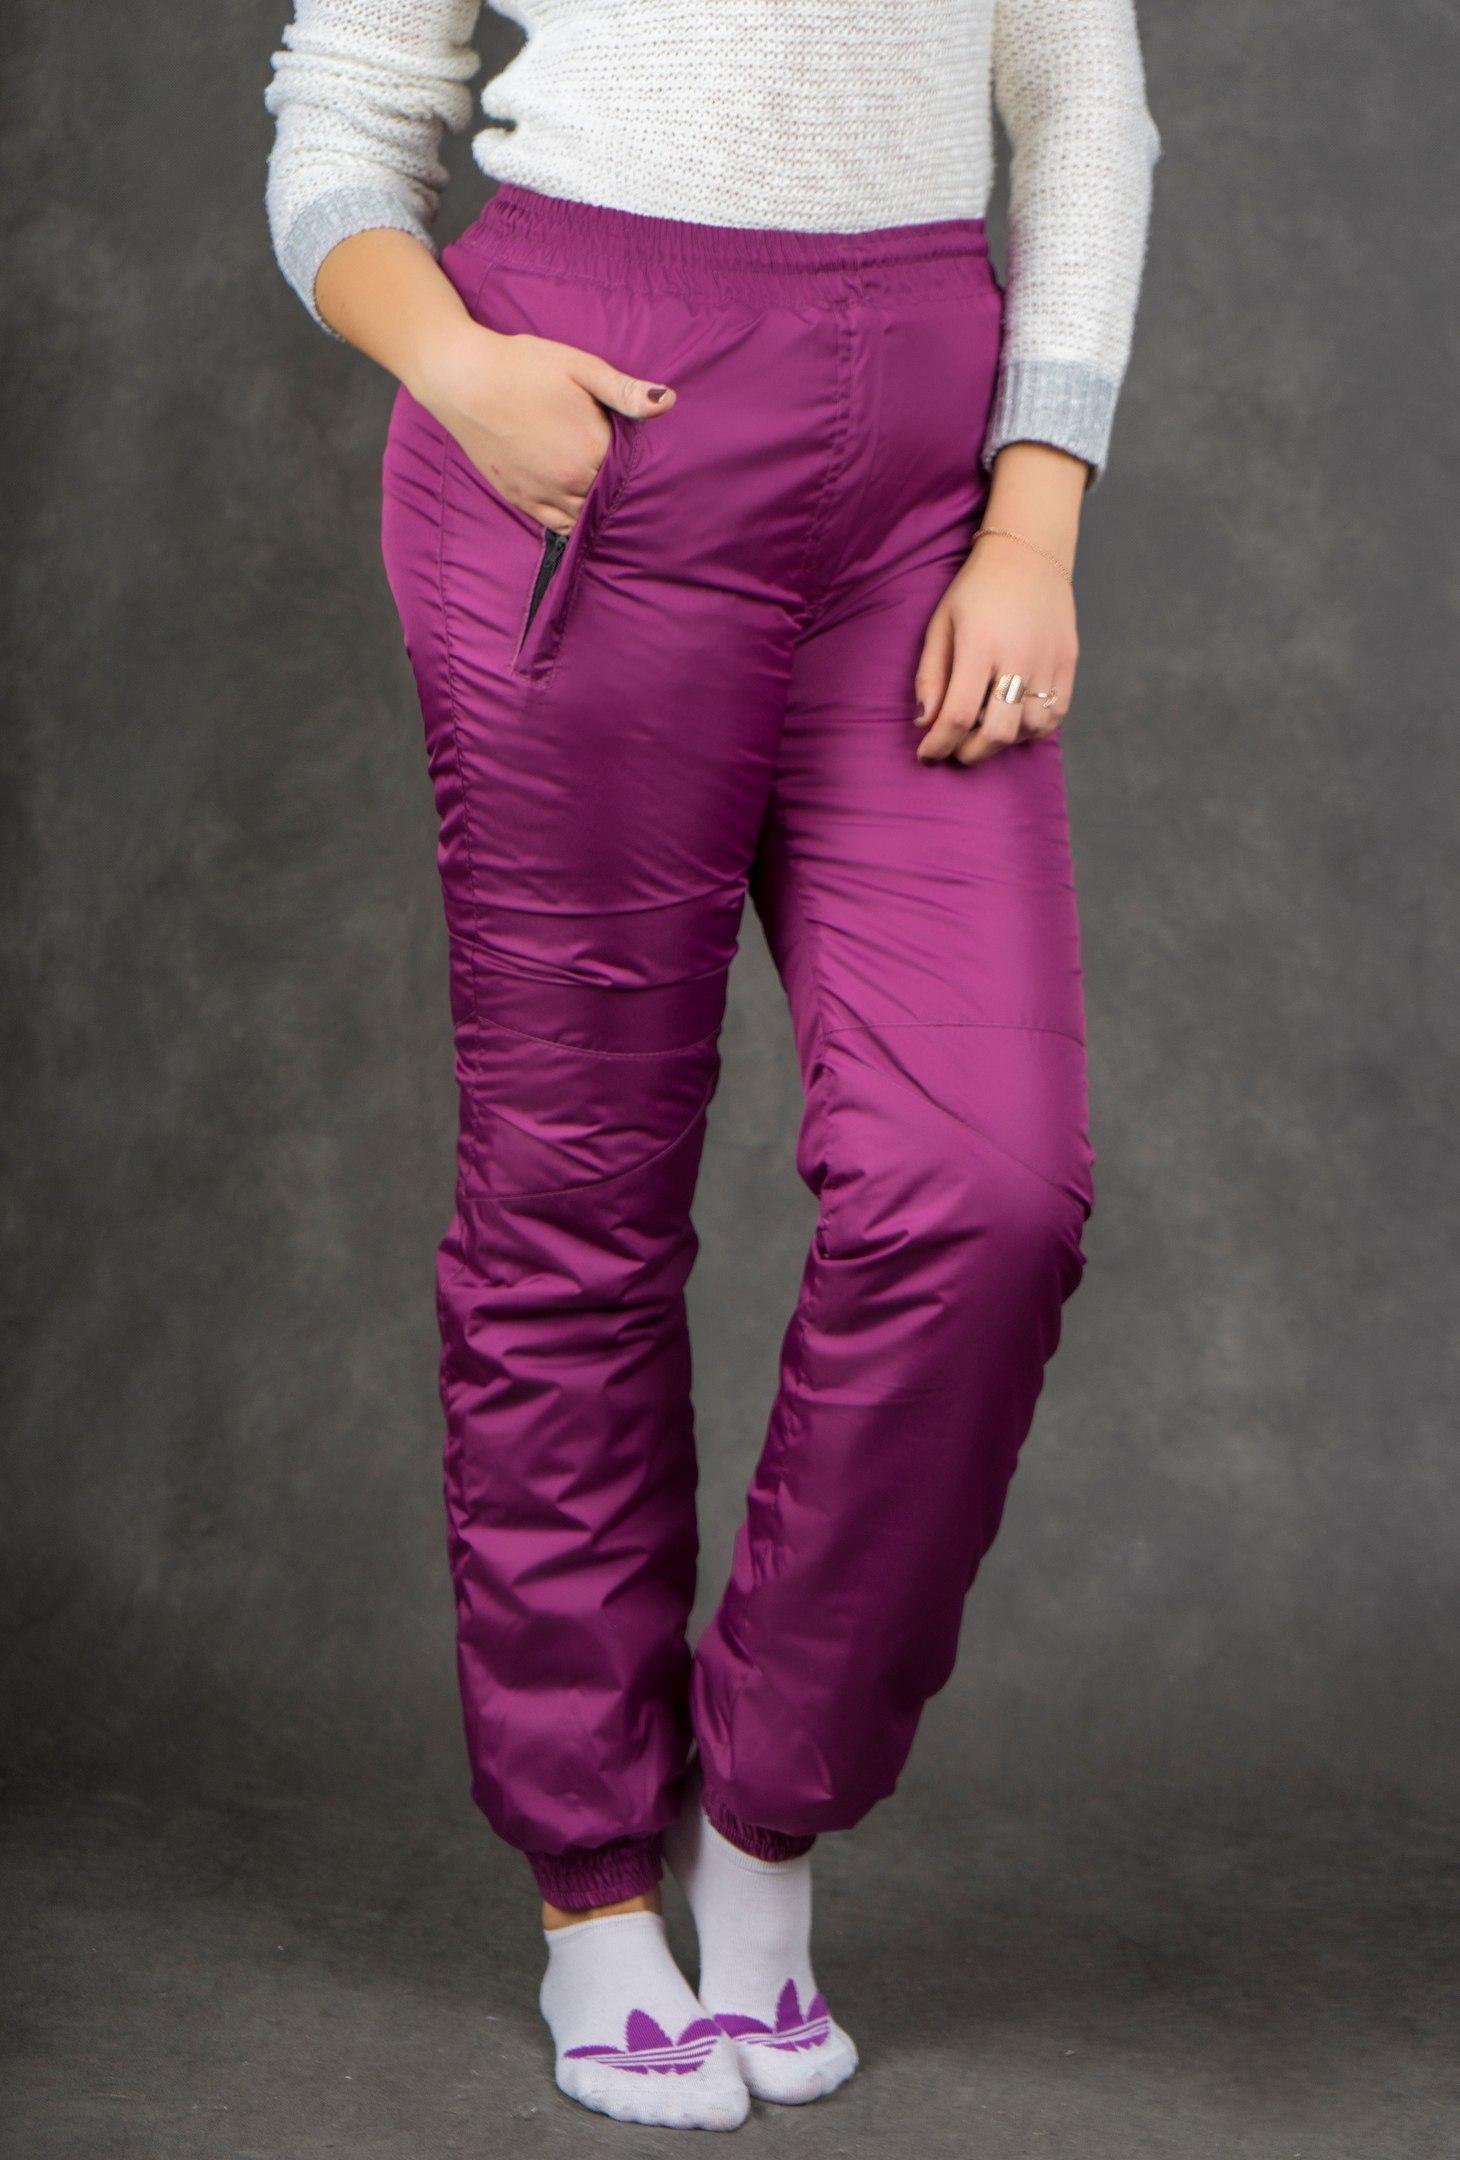 Утепленные брюки для всей семьи по выгодным ценам. В ассортименте женские, мужские, подростковые и детские модели на флисе и синтепоне. Есть большие размеры. Без рядов! Выкуп 19